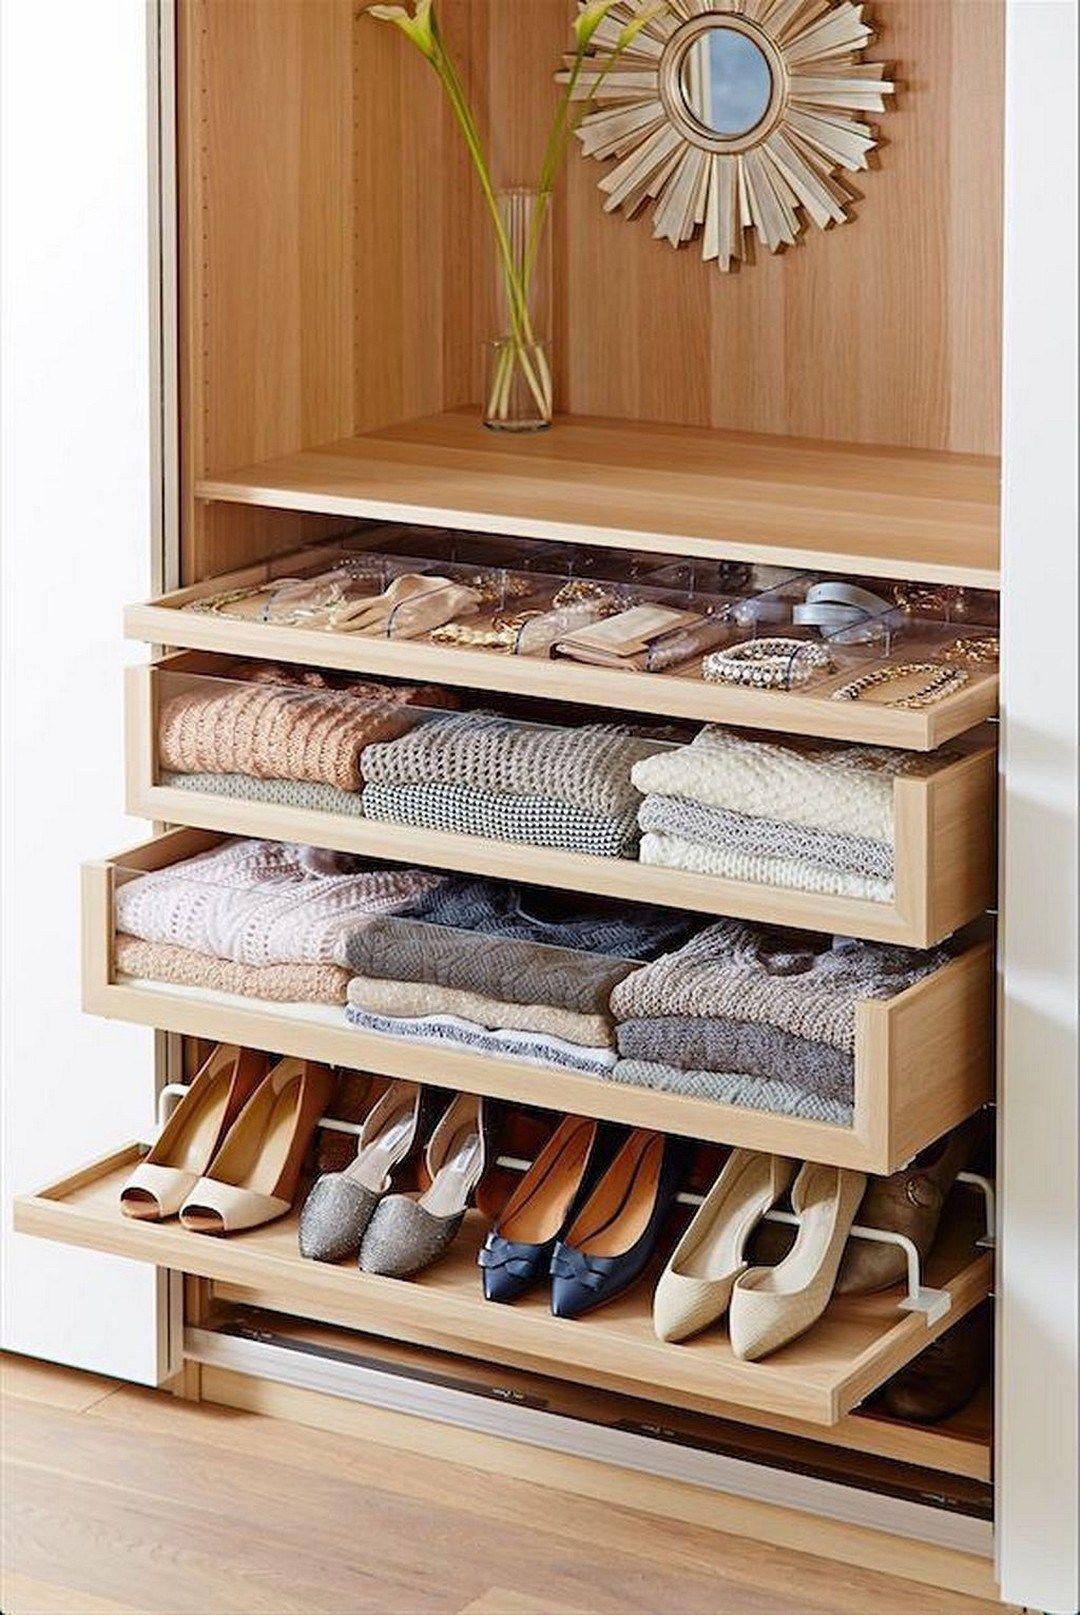 Incredible Ikea Bedroom Shelves And Storage Ideas 32 Decomagz Bedroom Closet Design Closet Designs Closet Bedroom